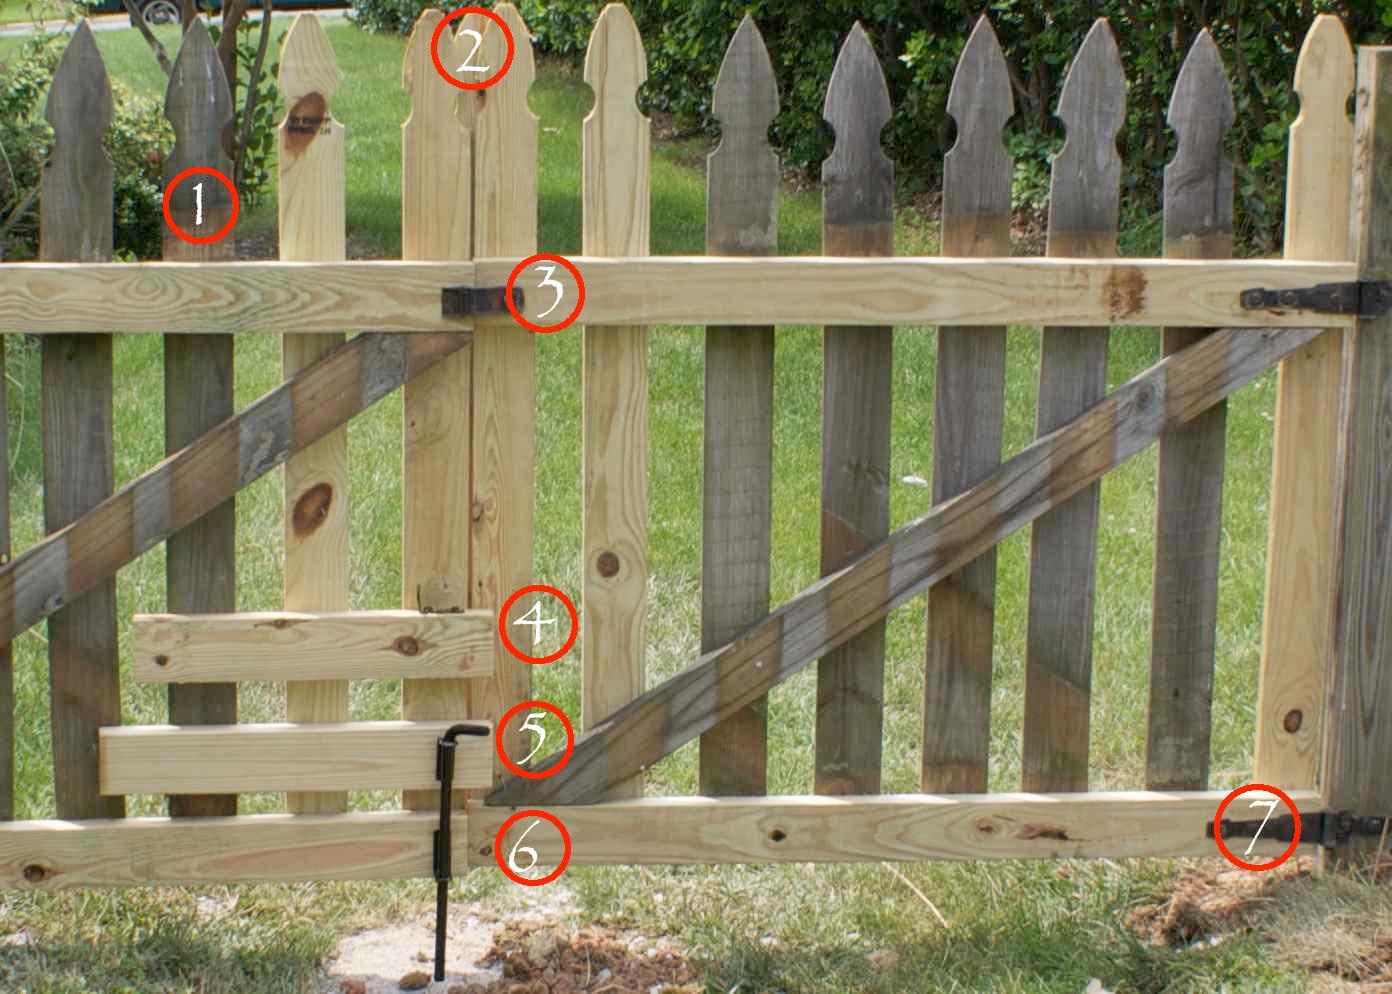 DIY Wood Design: Build wooden gate frame